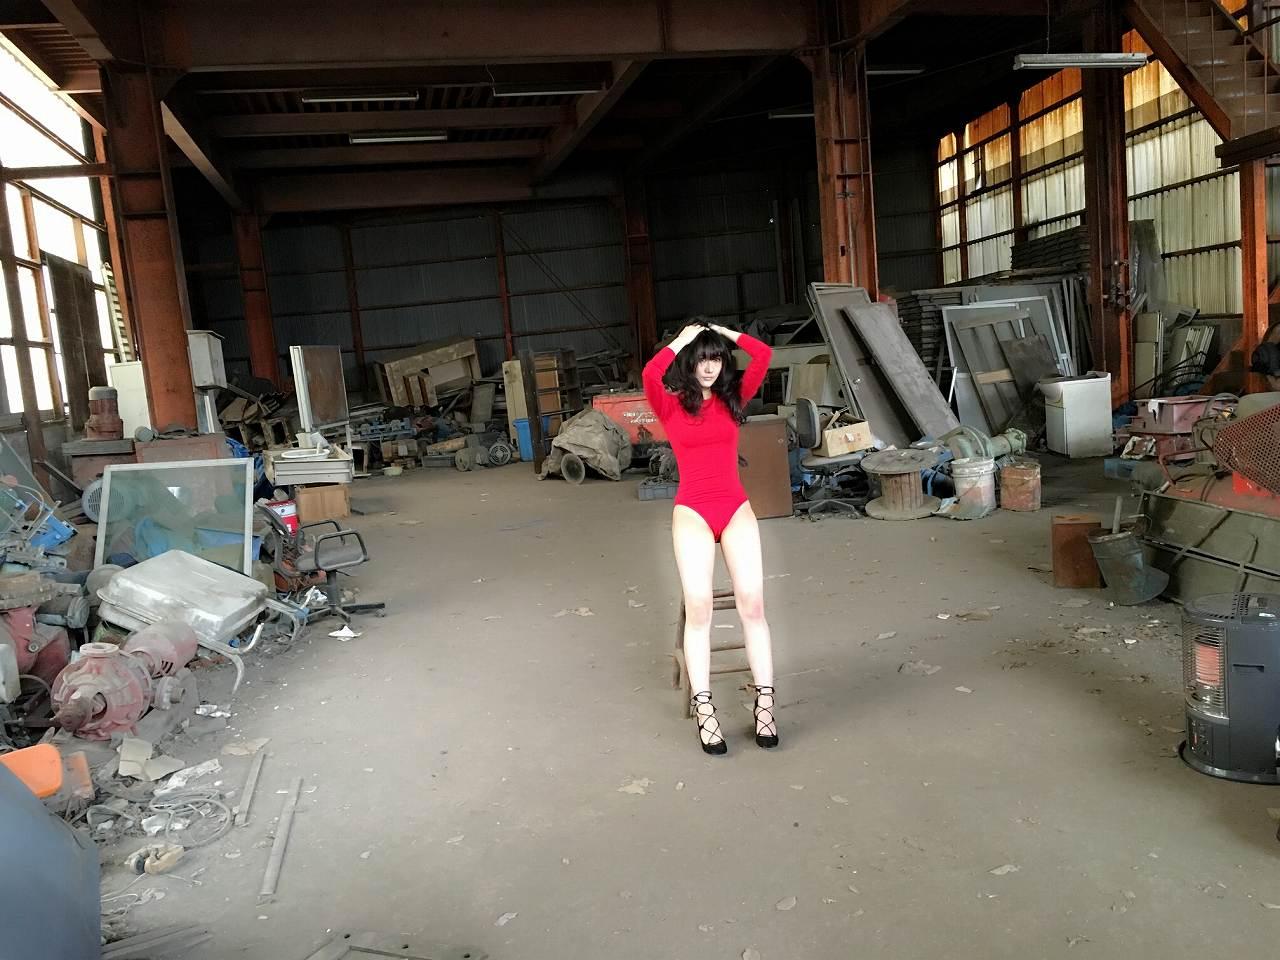 矢倉楓子の水着グラビアオフショット(赤いレオタードを着てポーズをとる矢倉楓子)